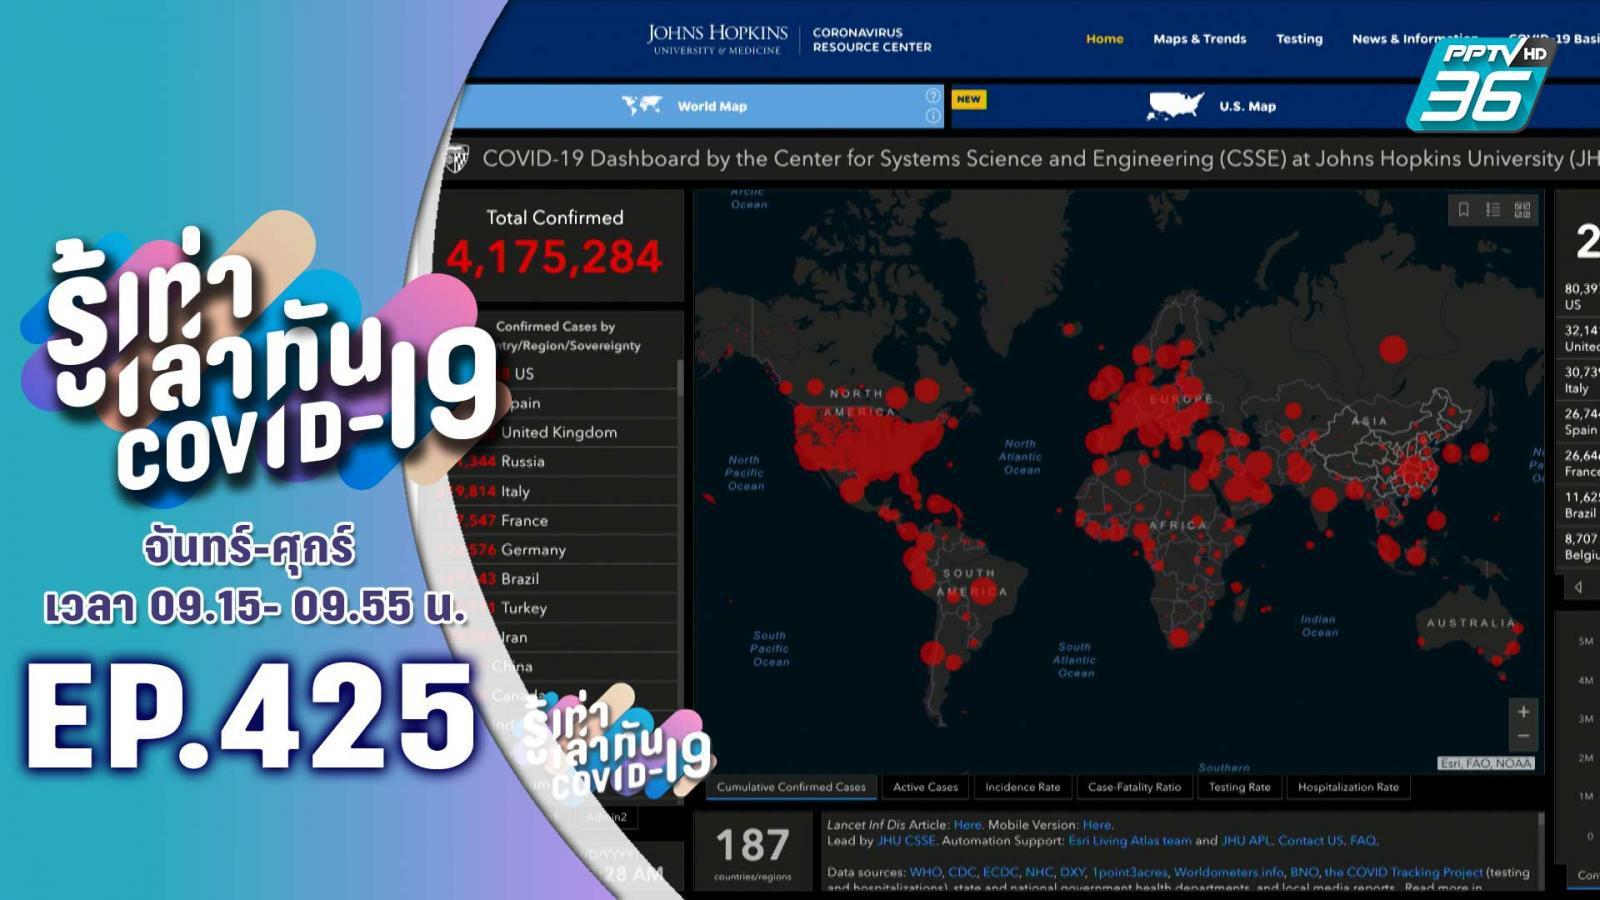 องค์การอนามัยโลก เรียกร้องให้หลายประเทศ ยังเข้มงวดหลังคลายล็อกดาวน์